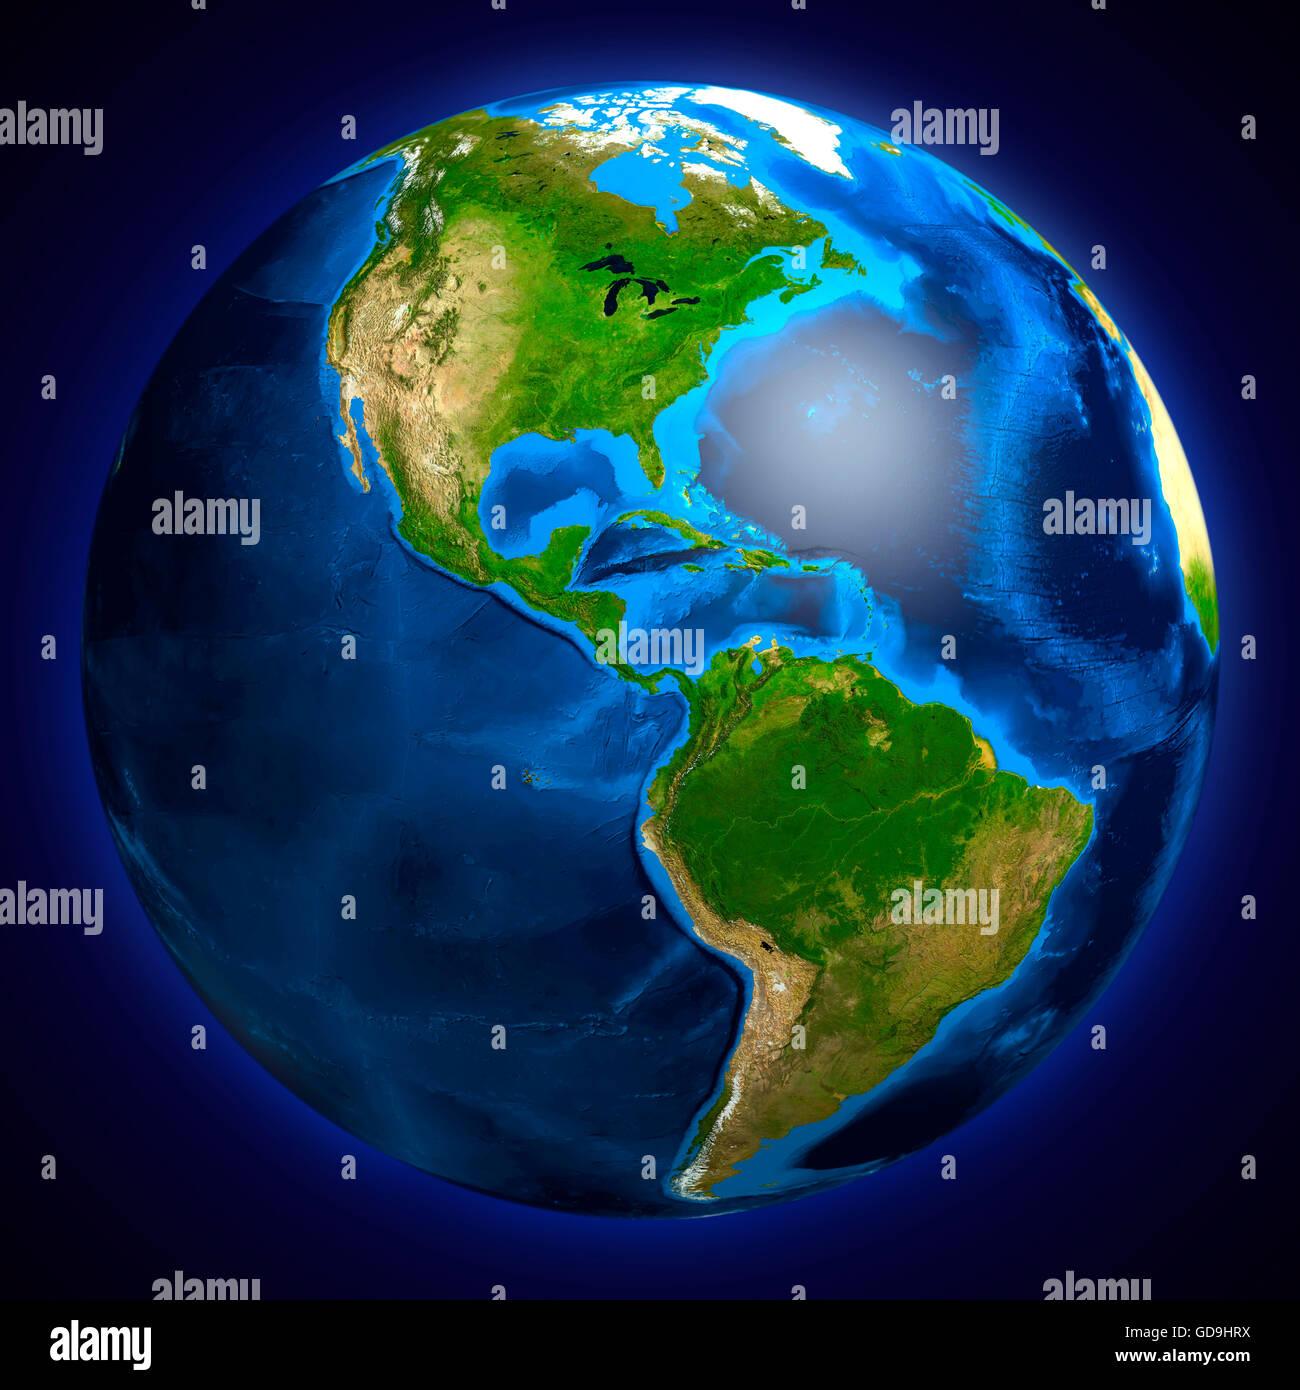 Globo terráqueo mostrando los continentes de América del Norte y del Sur, ilustración 3D Imagen De Stock